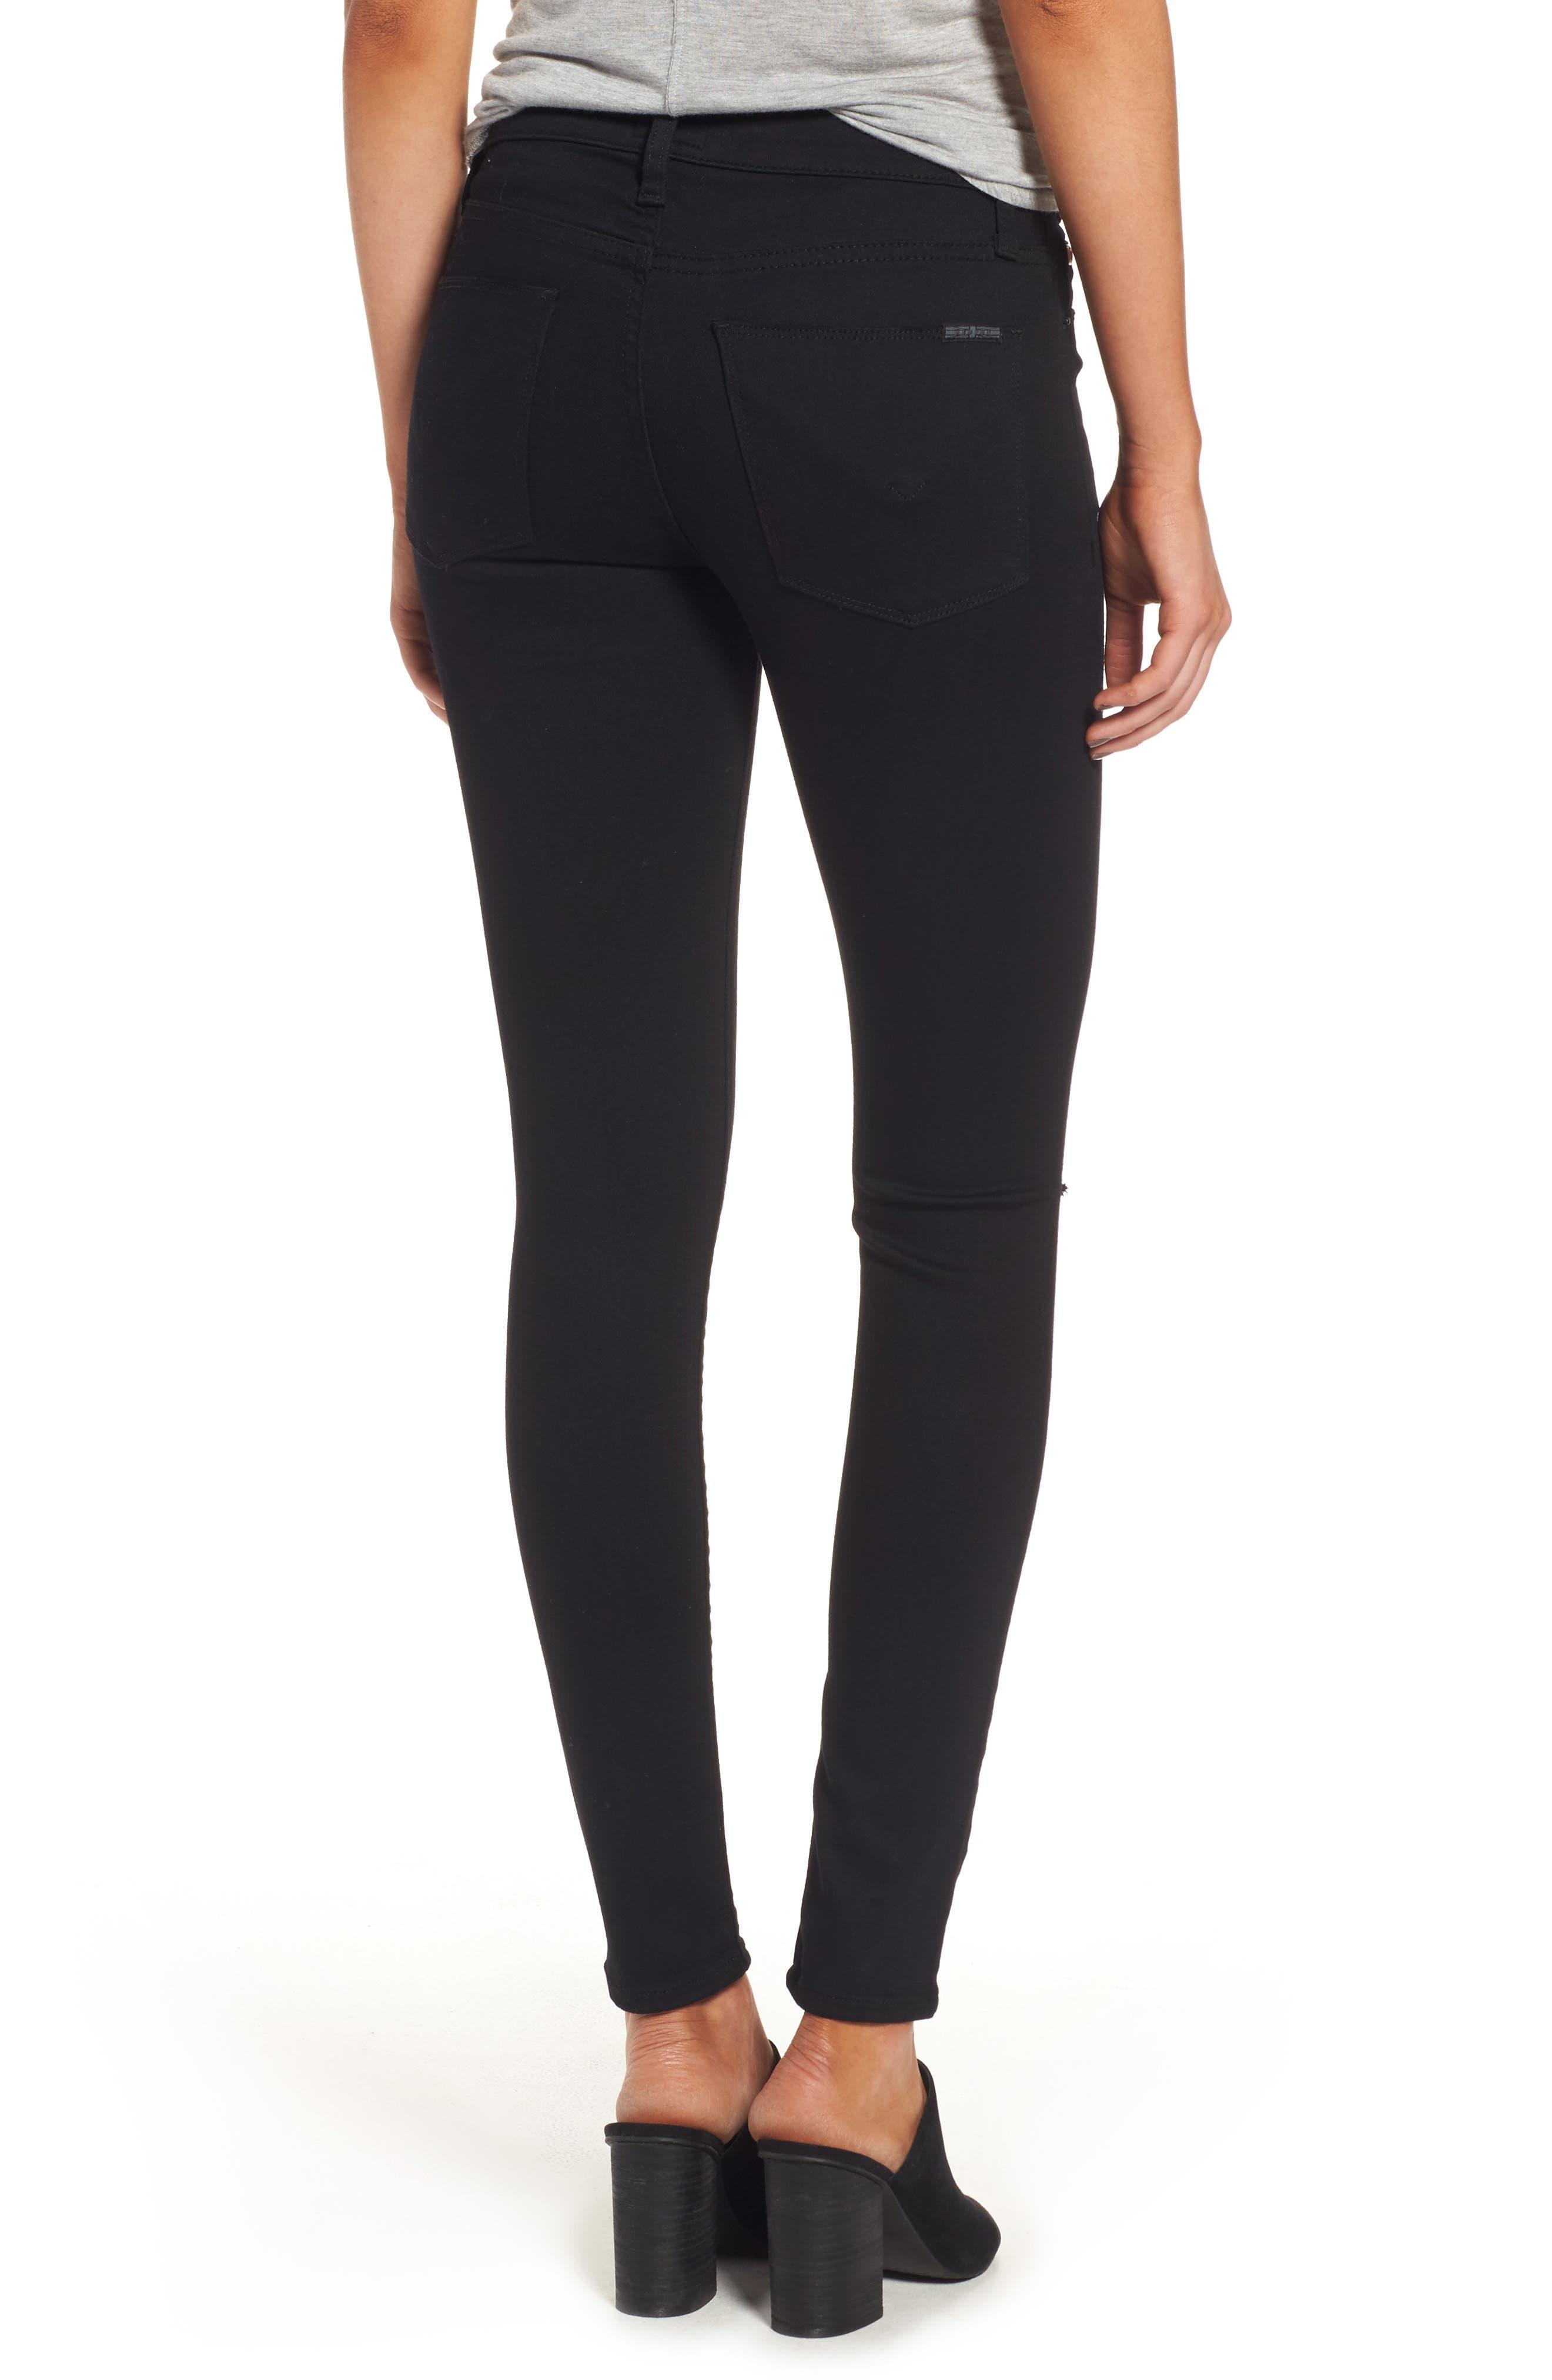 Alternate Image 2  - Hudson Jeans 'Elysian - Nico' Super Skinny Jeans (Destructed Black) (Nordstrom Exclusive)